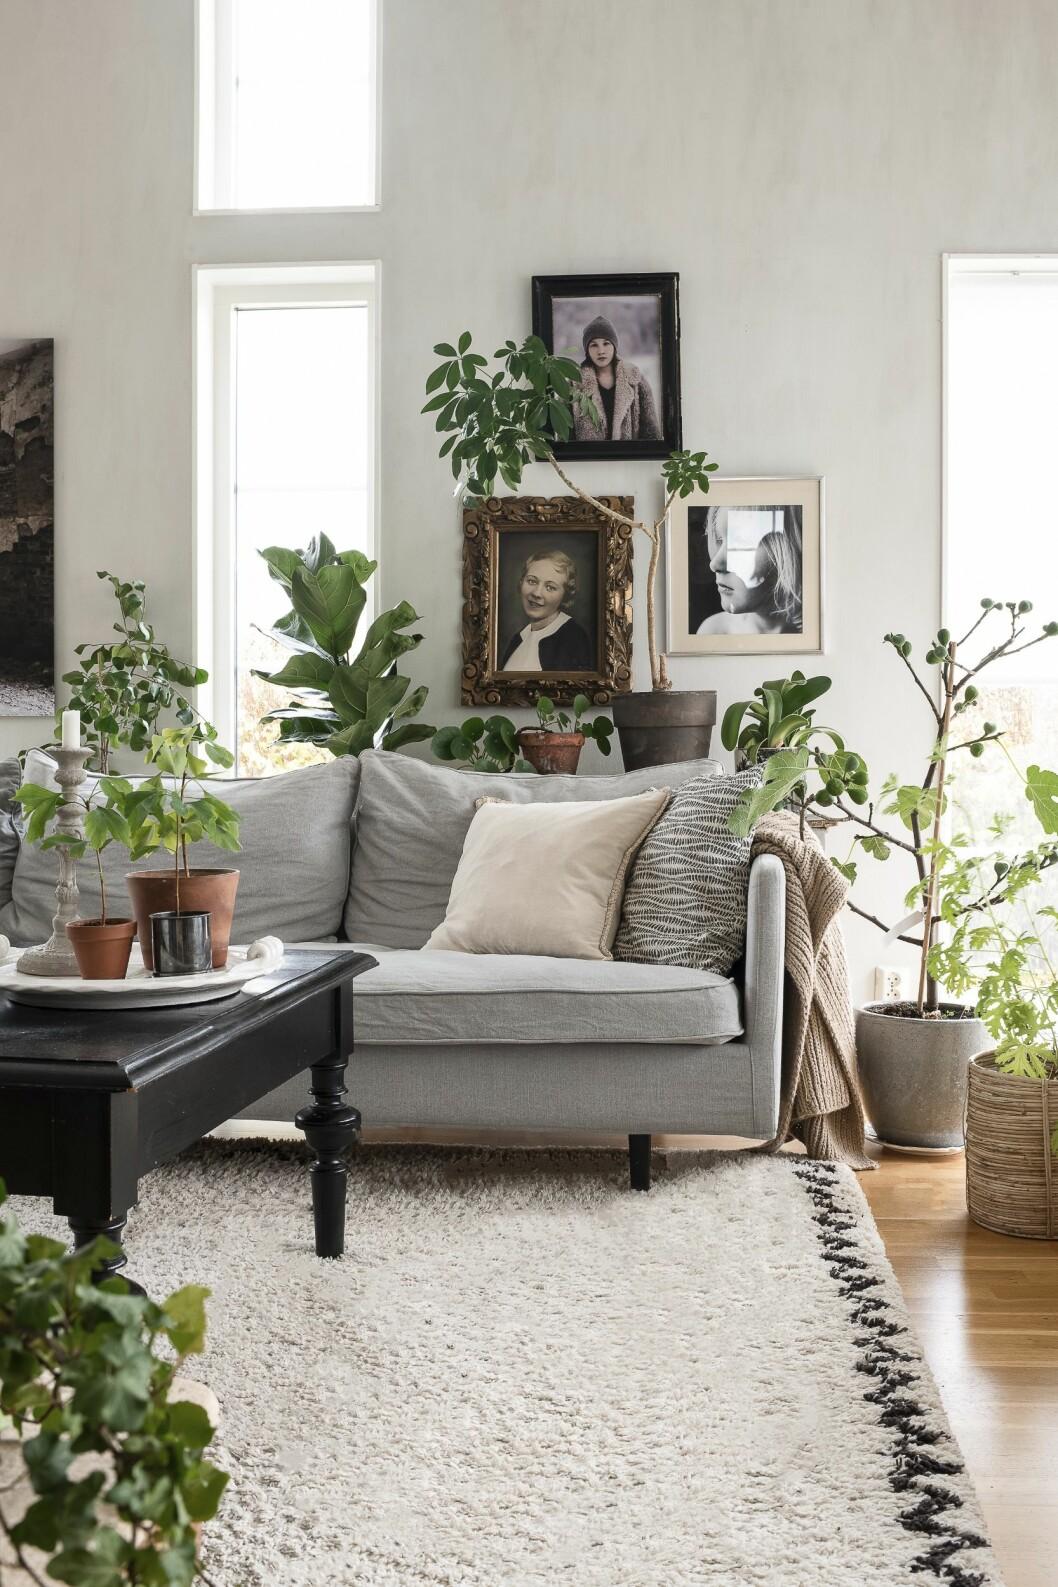 Hur fint är det inte att inreda med maffiga växter som får ta plats? Gör ditt hem till en lummig oas genom att lyxa till med mycket grönt. Använd gärna piedestaler och sidobord i olika höjder för att skapa volym med växter. Den storbladiga växten på bordet i bakgrunden är en fiolfikus.